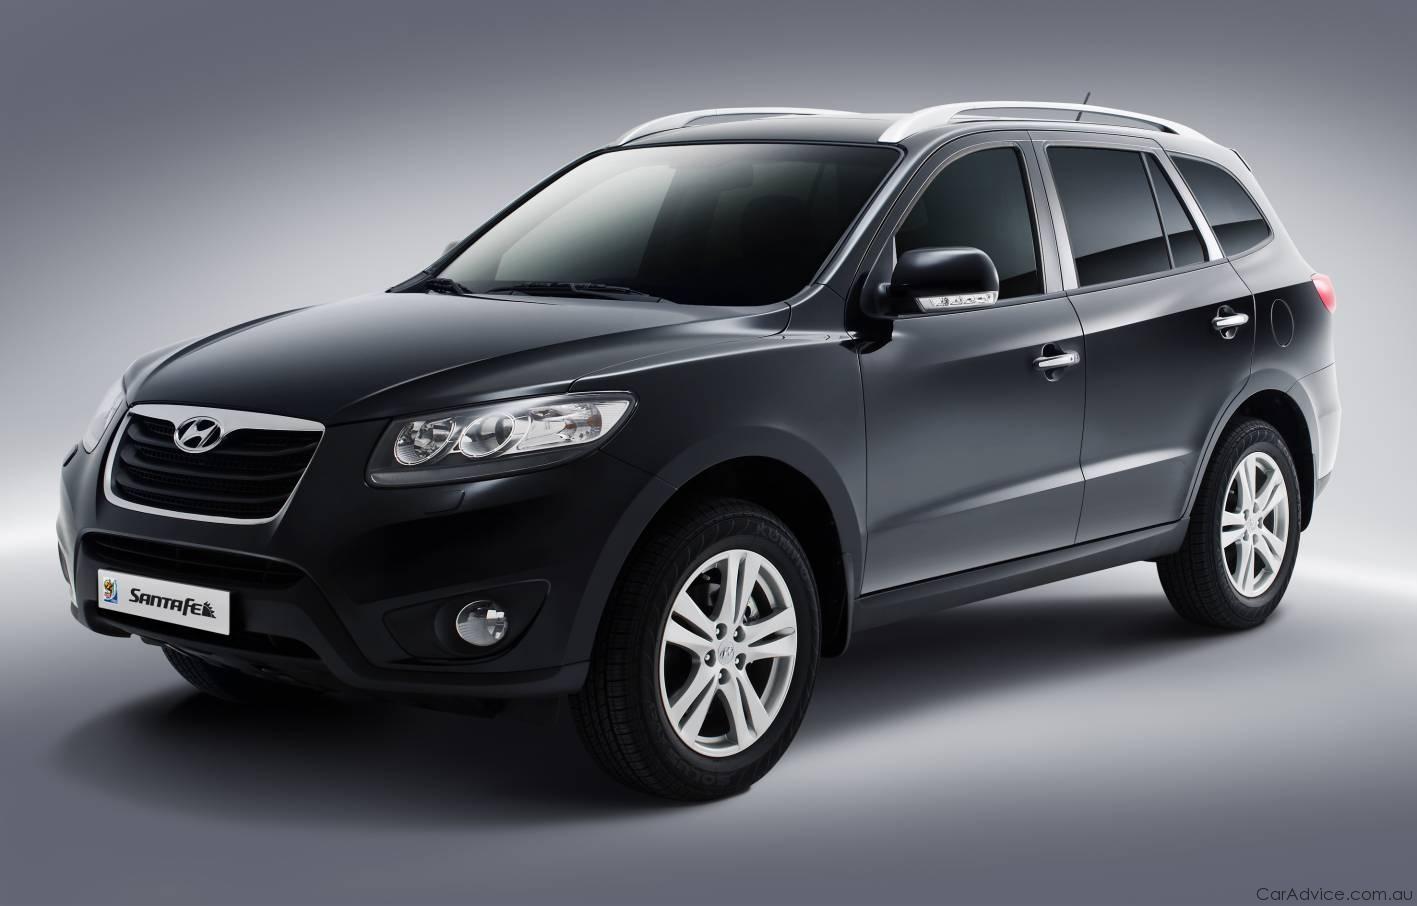 Hyundai Sportage Watch Car Online